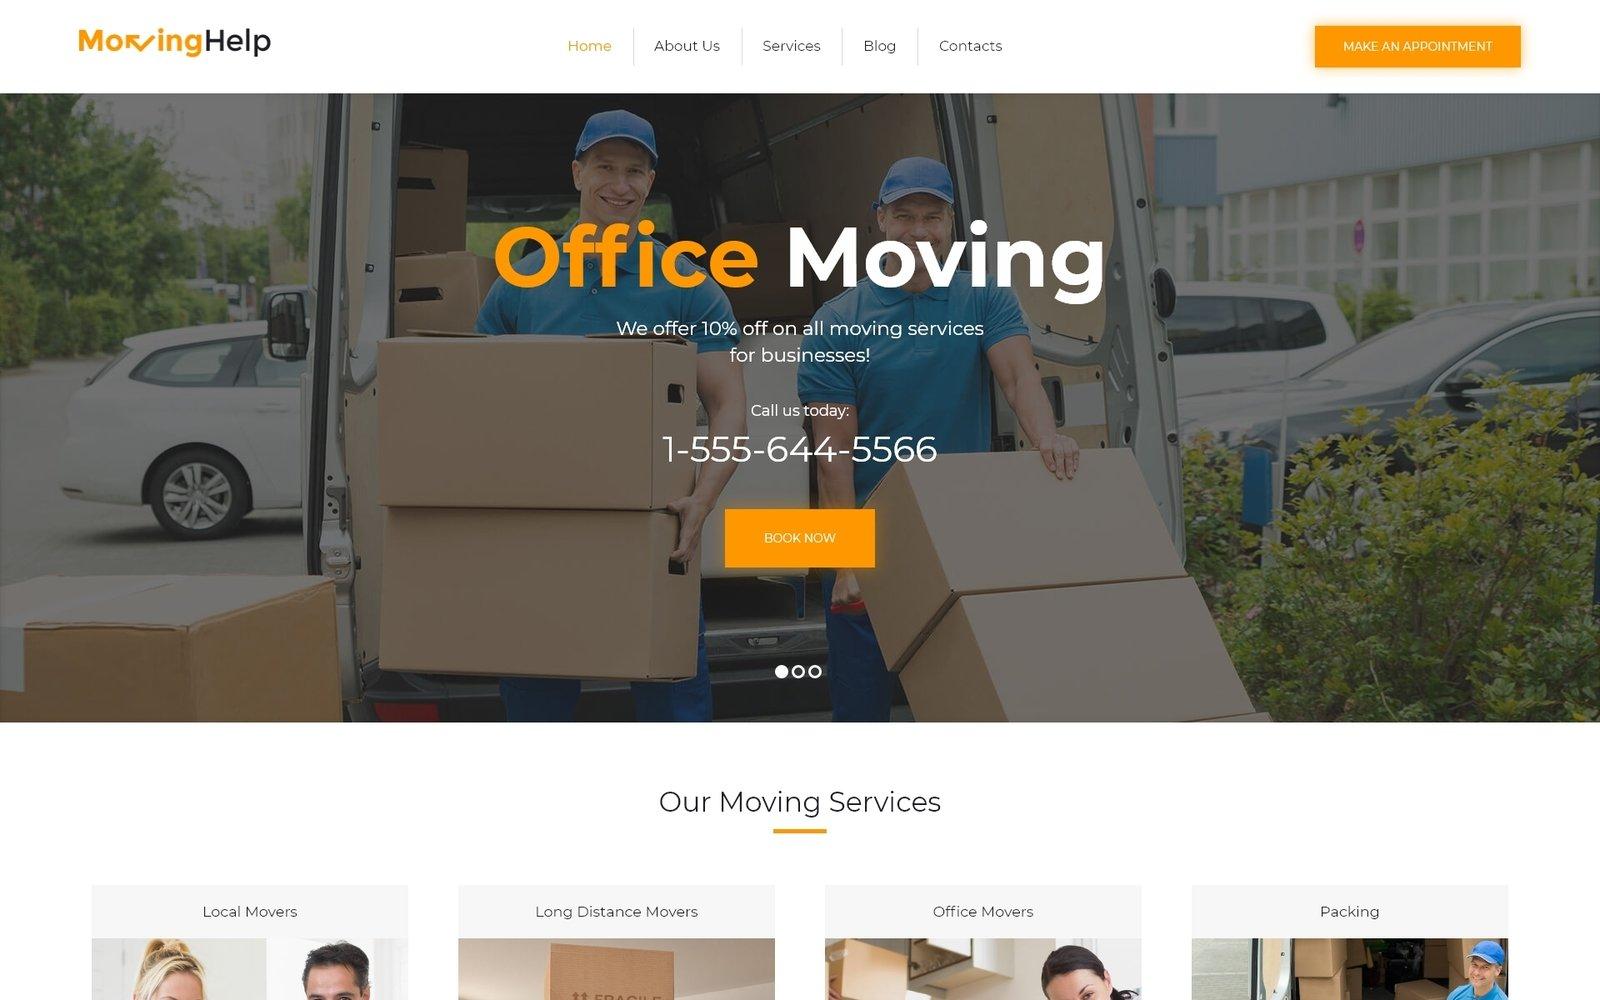 Шаблон Moving Help для сайта транспортной компании #62032